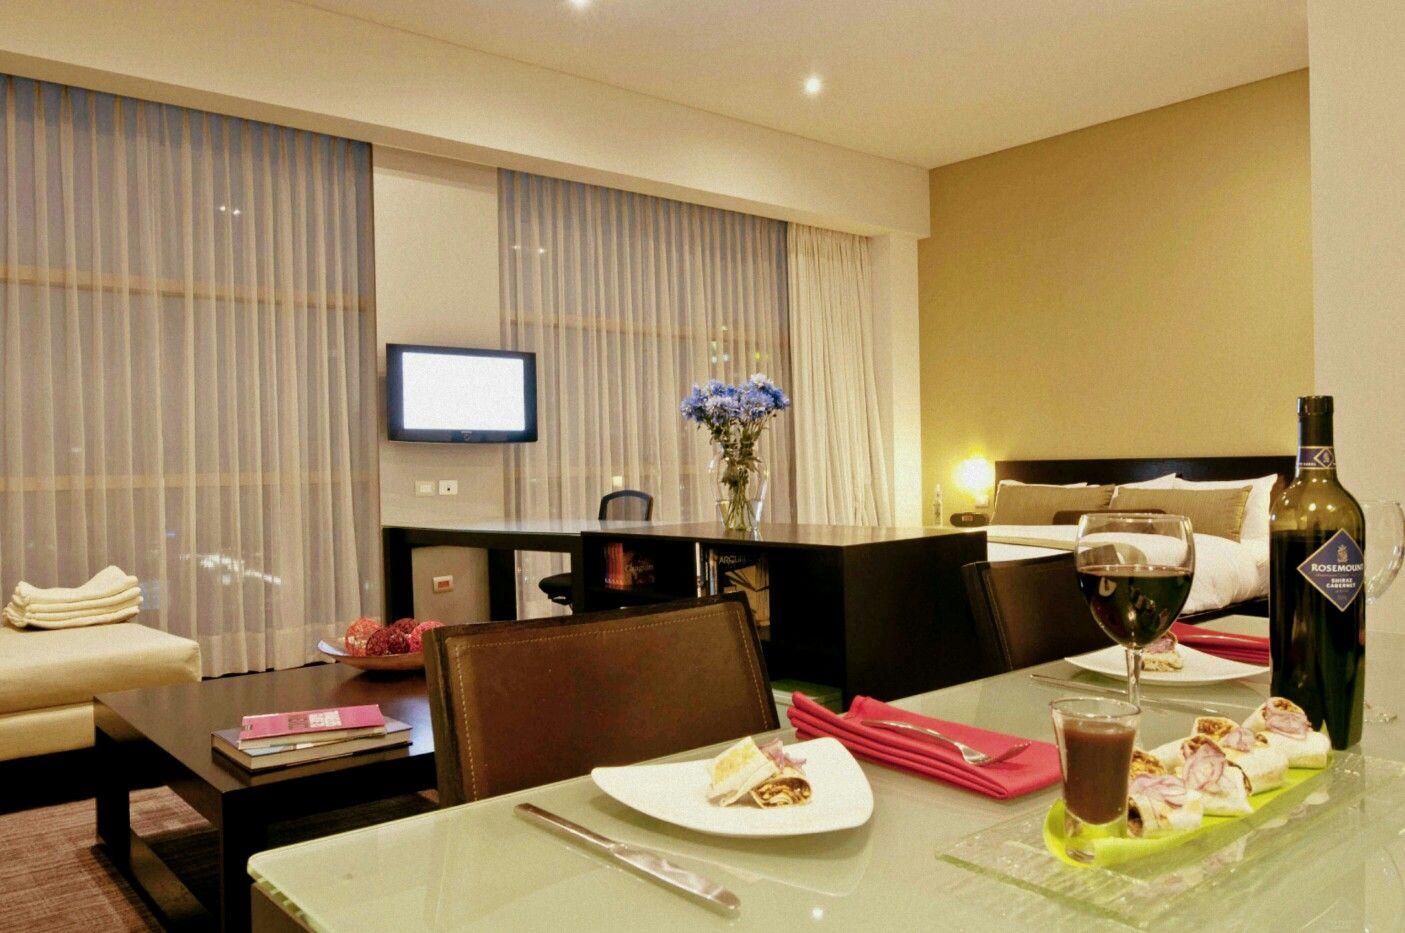 Conoce nuestra Grand Suite... ideal para largas estancias, con un concepto moderno, estilo loft. #PreferredLife #Hotel #SantaFe #CDMX